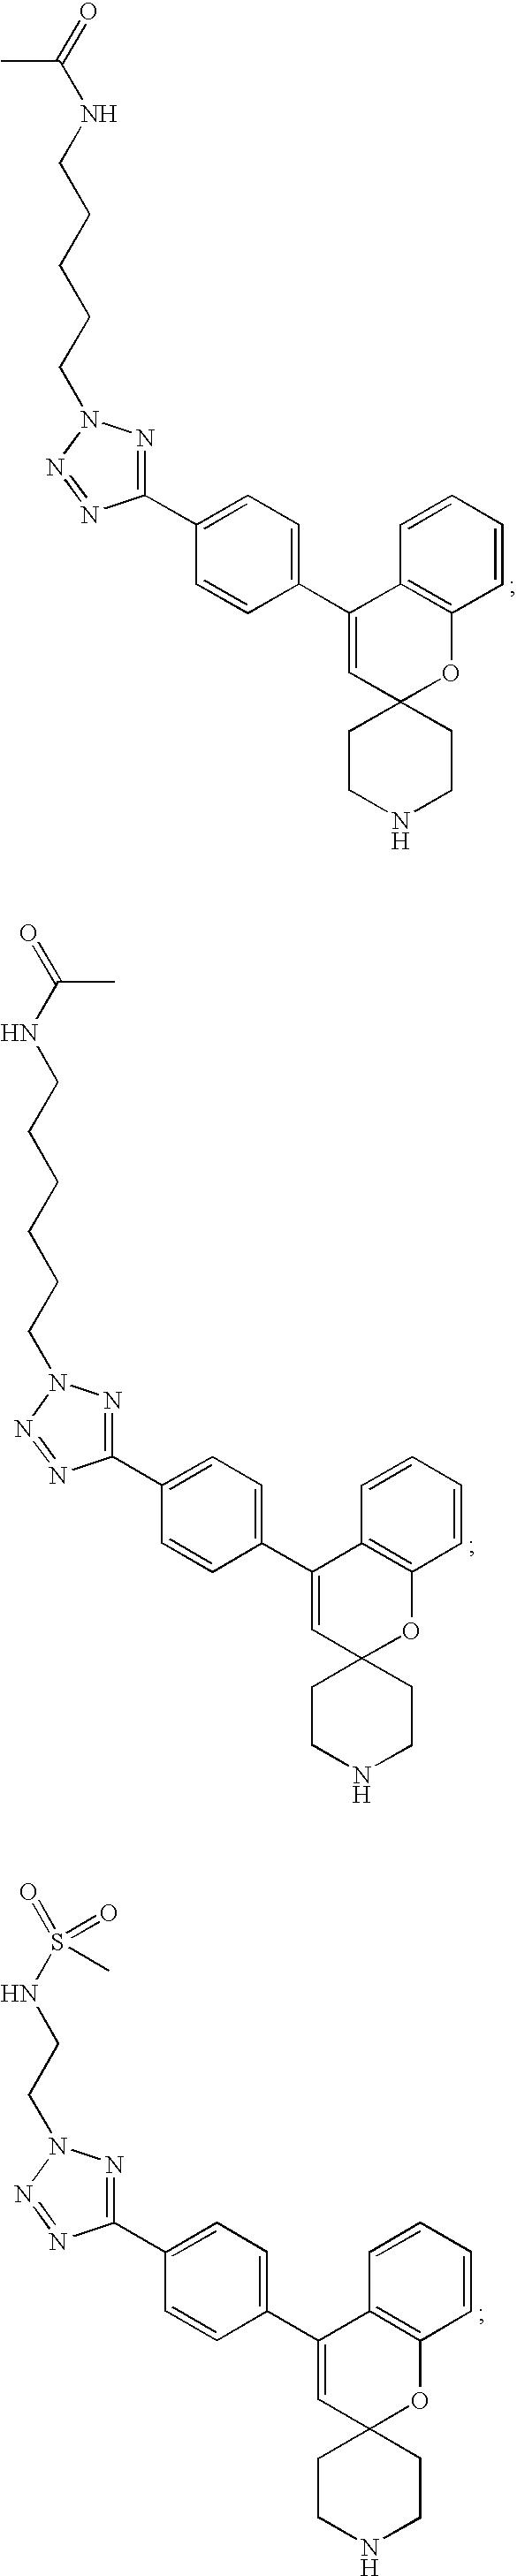 Figure US20100029614A1-20100204-C00096